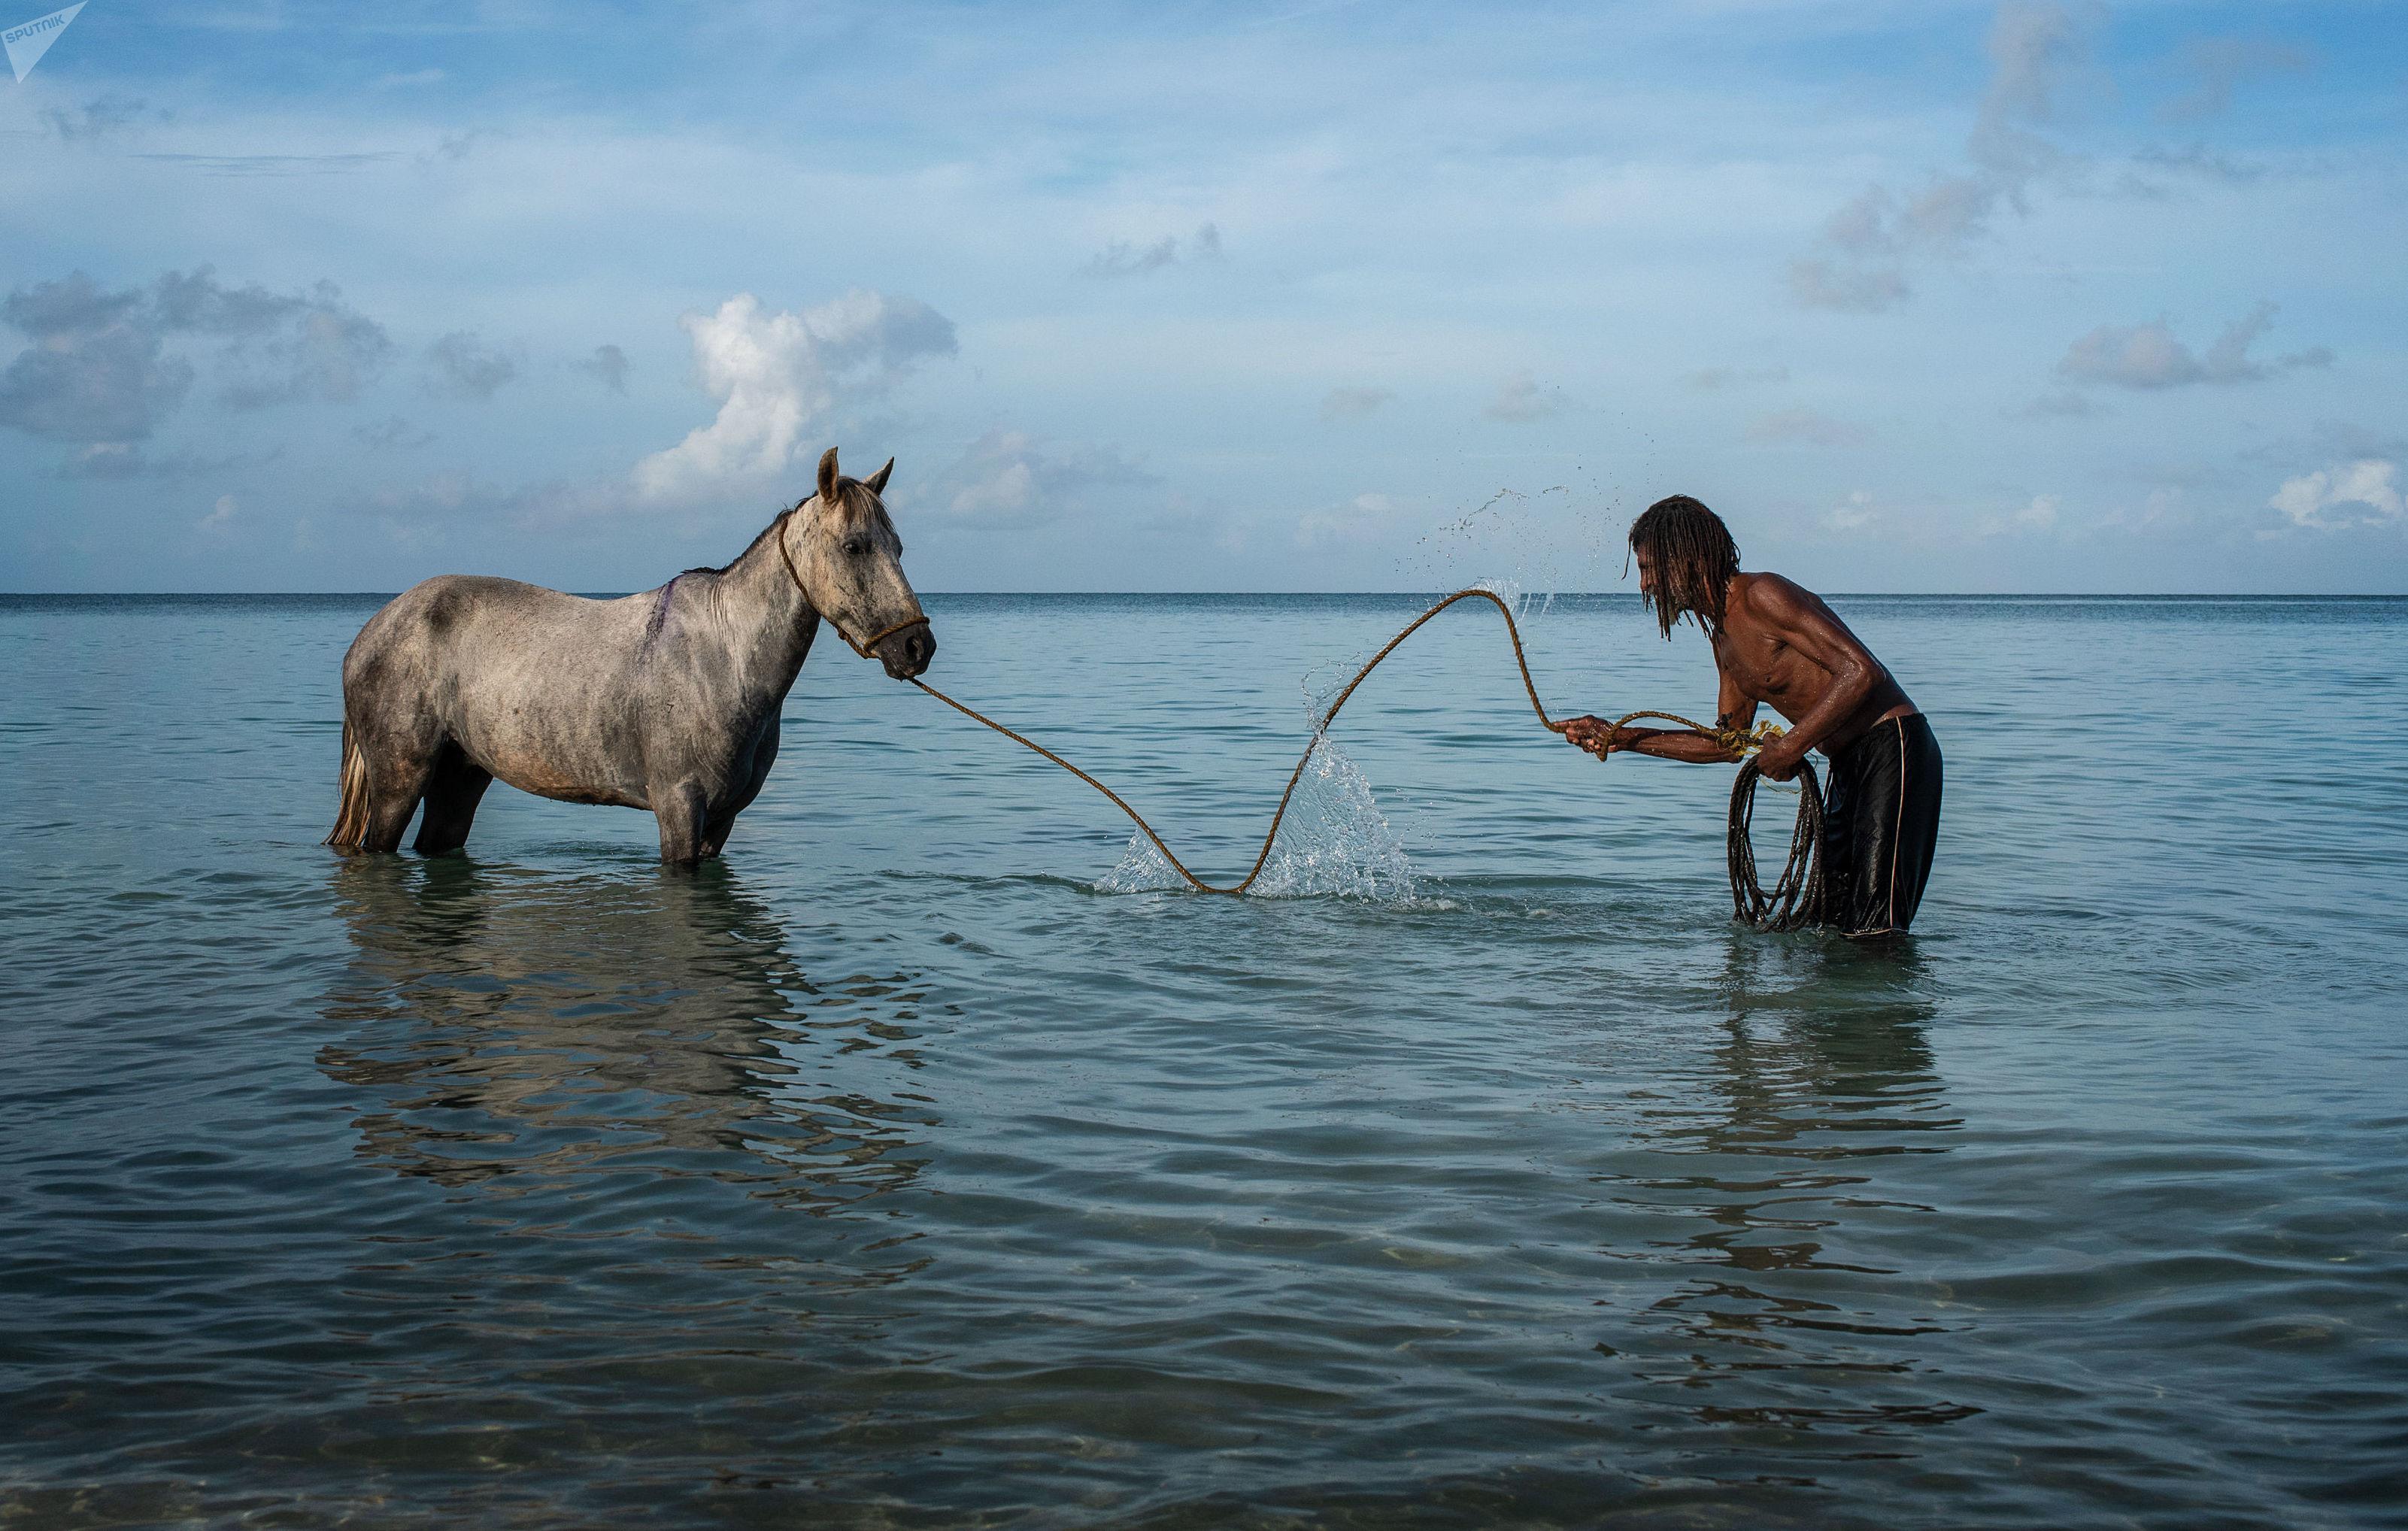 Santo Caponne, residente local, con el caballo en el mar cerca de Big Corn island